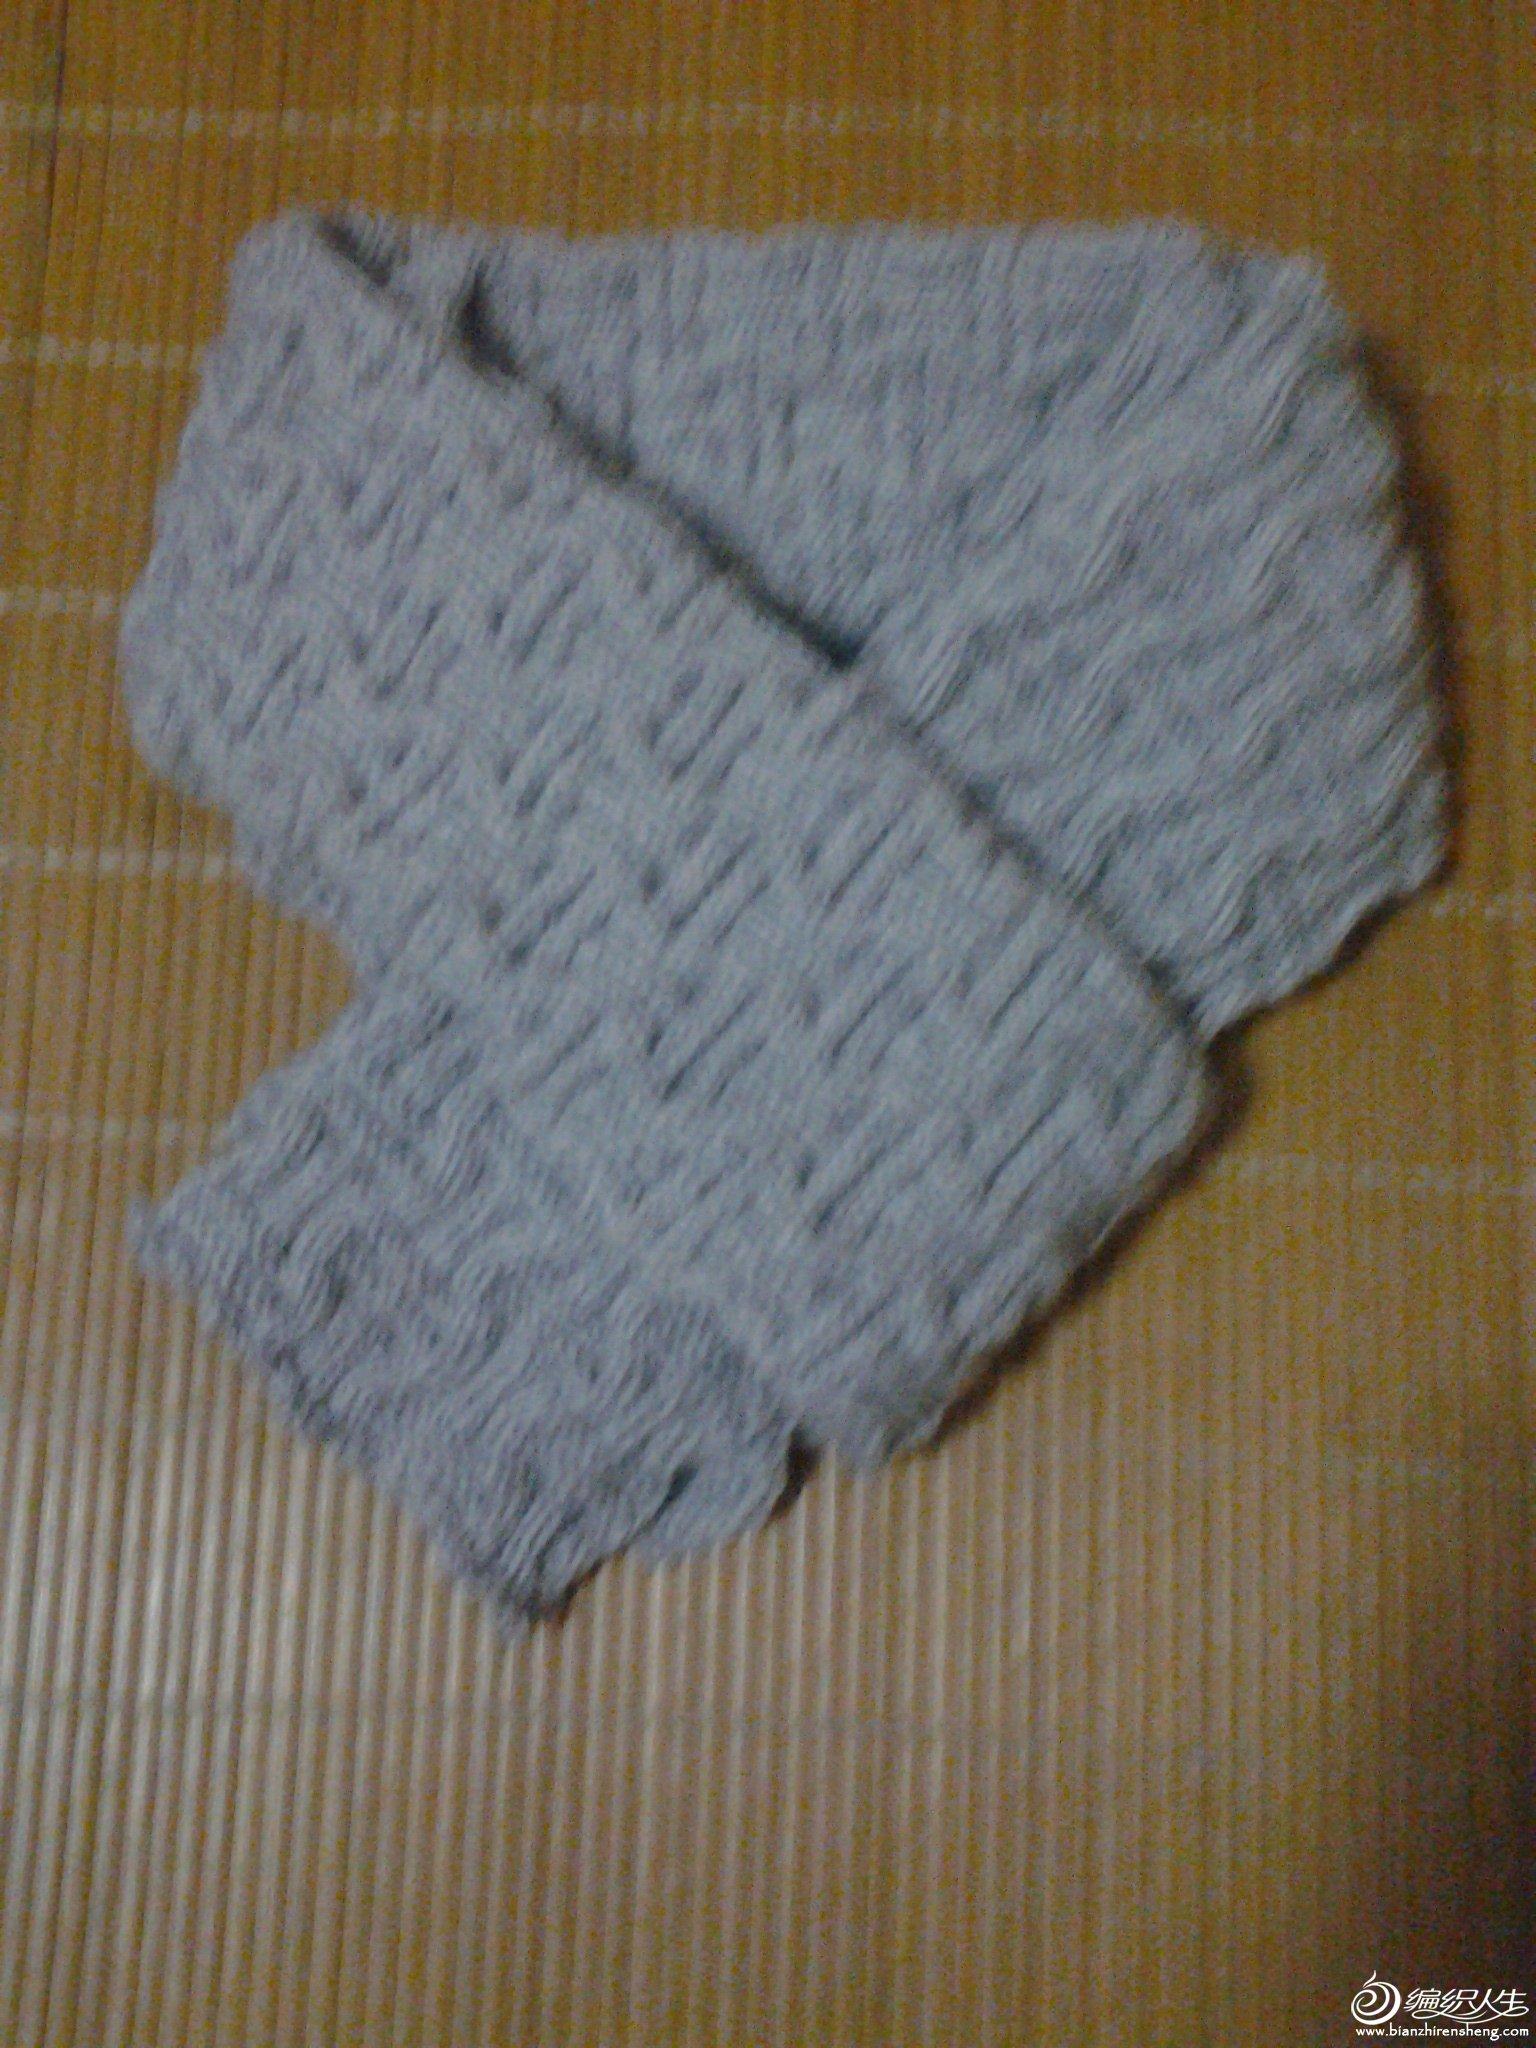 2012-11-01 20.21.28.jpg